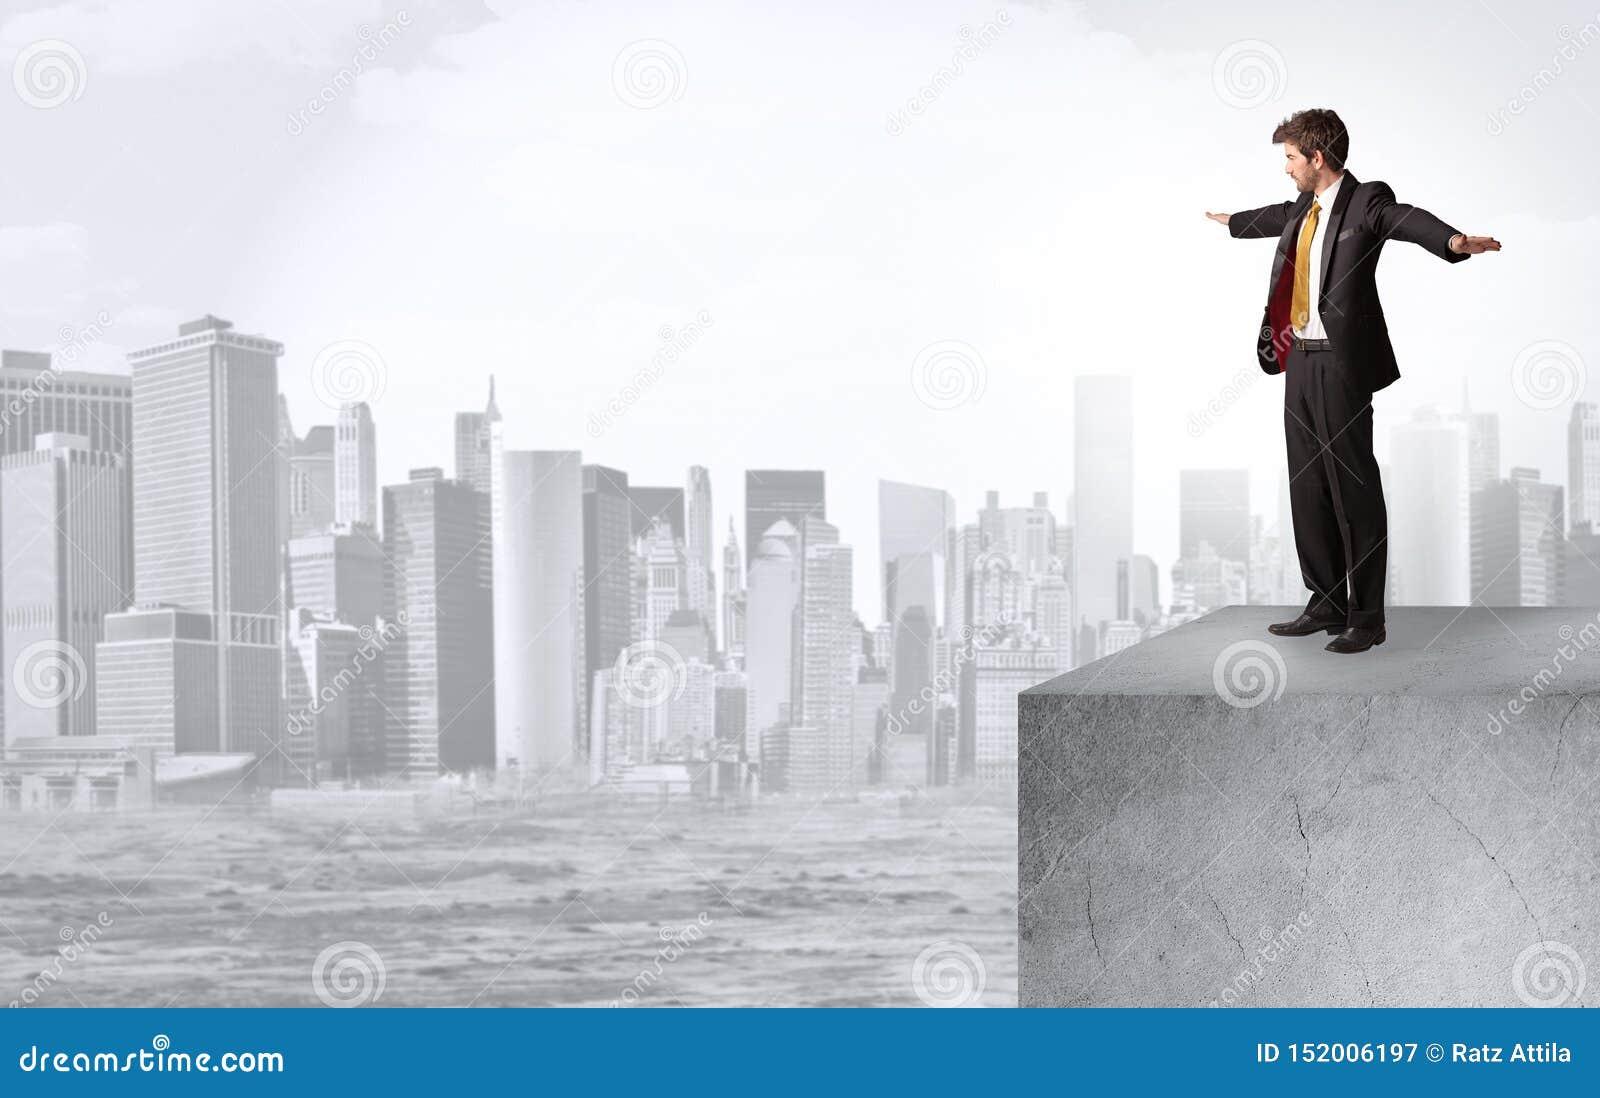 Επενδυτής που κοιτάζει στην πόλη από την απόσταση